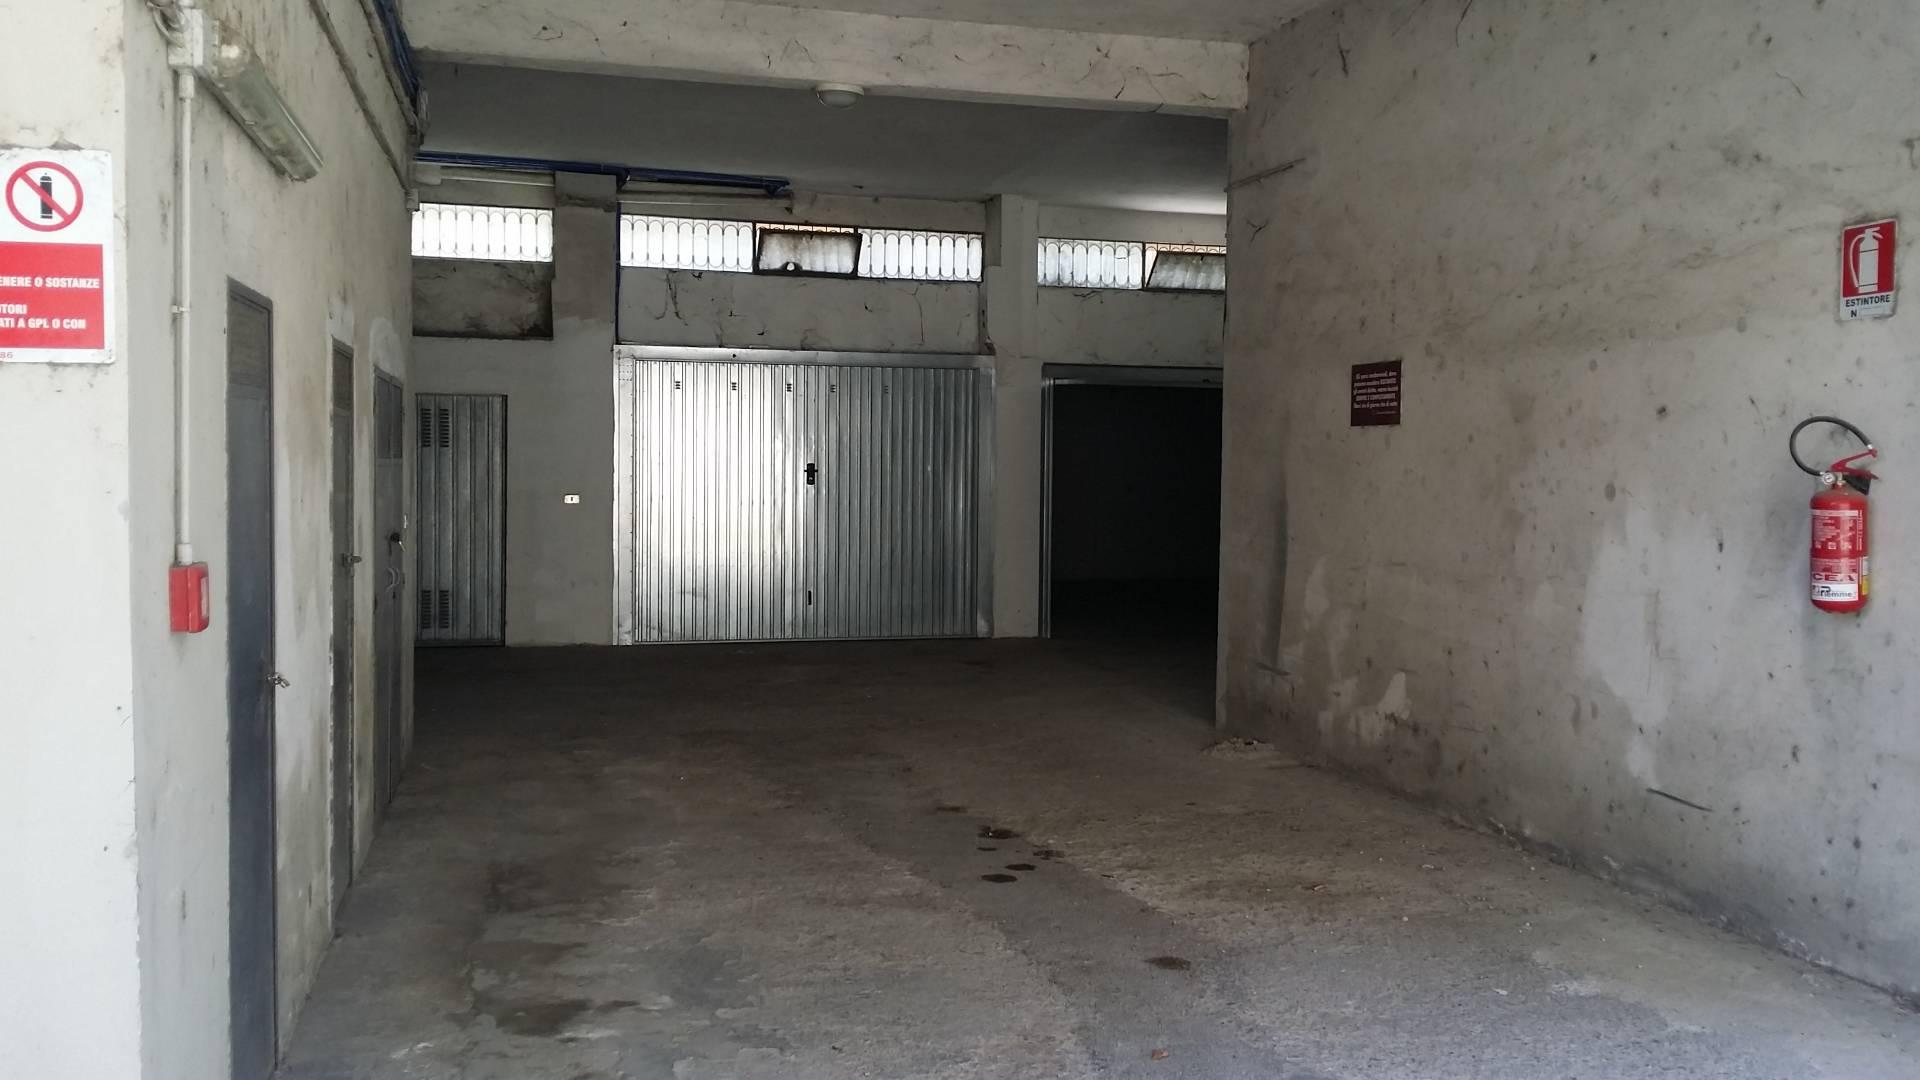 Agriturismo in vendita a Ascoli Piceno, 1 locali, prezzo € 50.000 | Cambio Casa.it